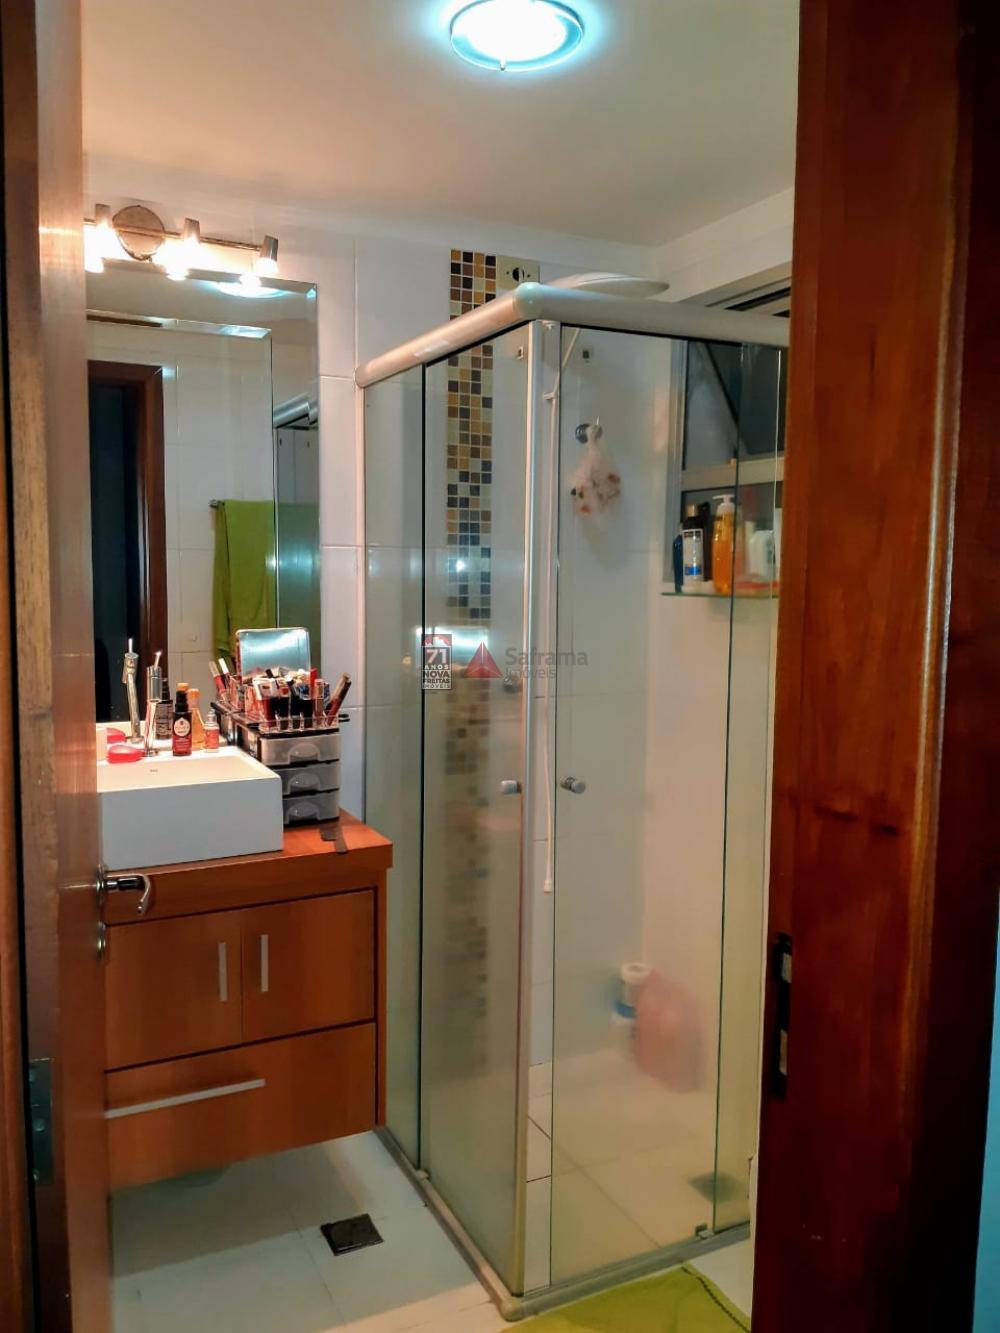 Alugar Apartamento / Padrão em São José dos Campos apenas R$ 2.500,00 - Foto 18